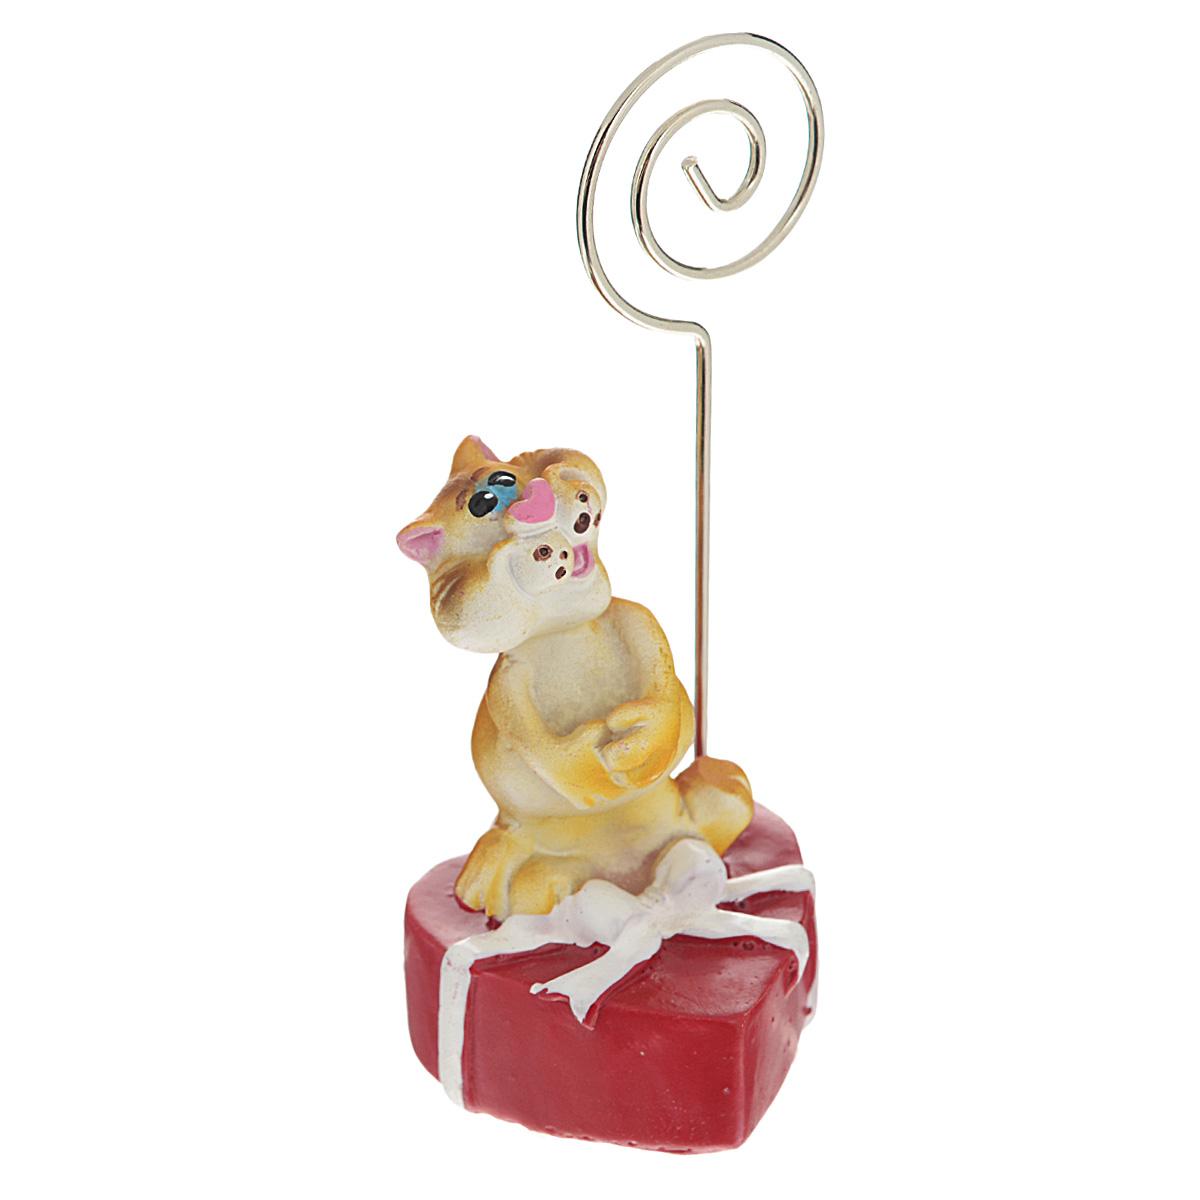 Держатель для карточек Home Queen  Кот с маленьким сердцем  -  Офисное оборудование и аксессуары